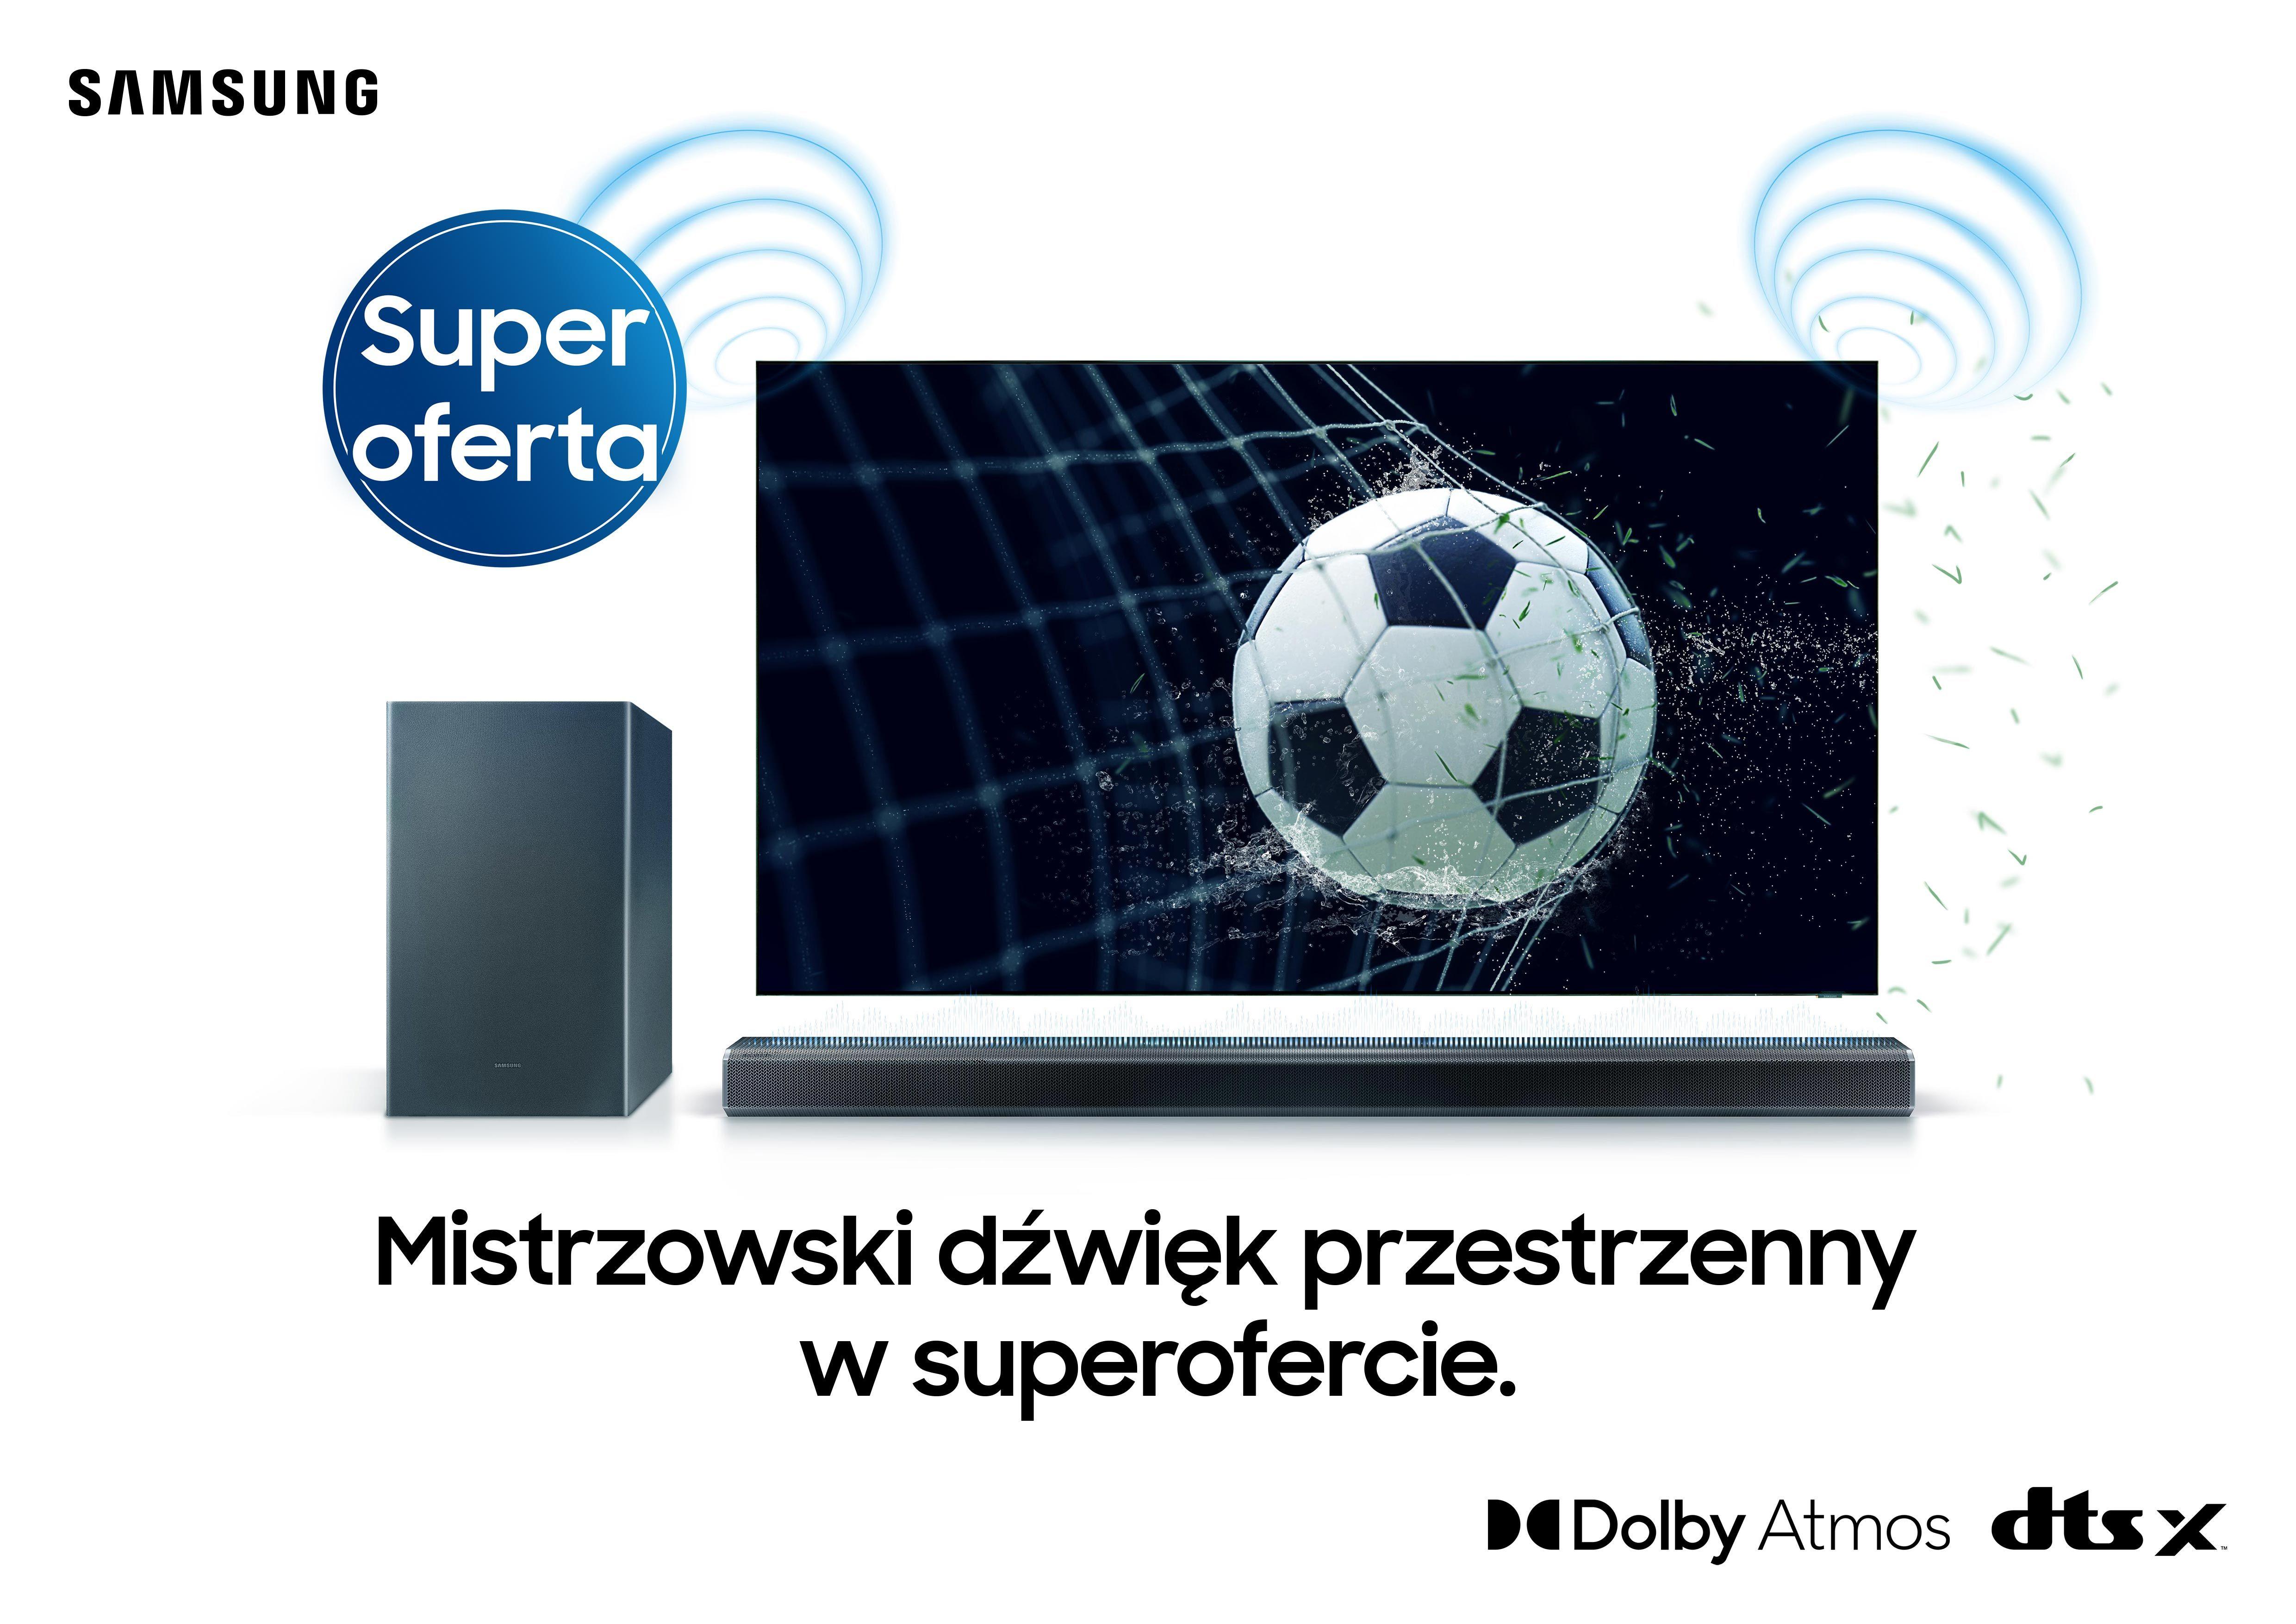 souindbar Samsung promocja